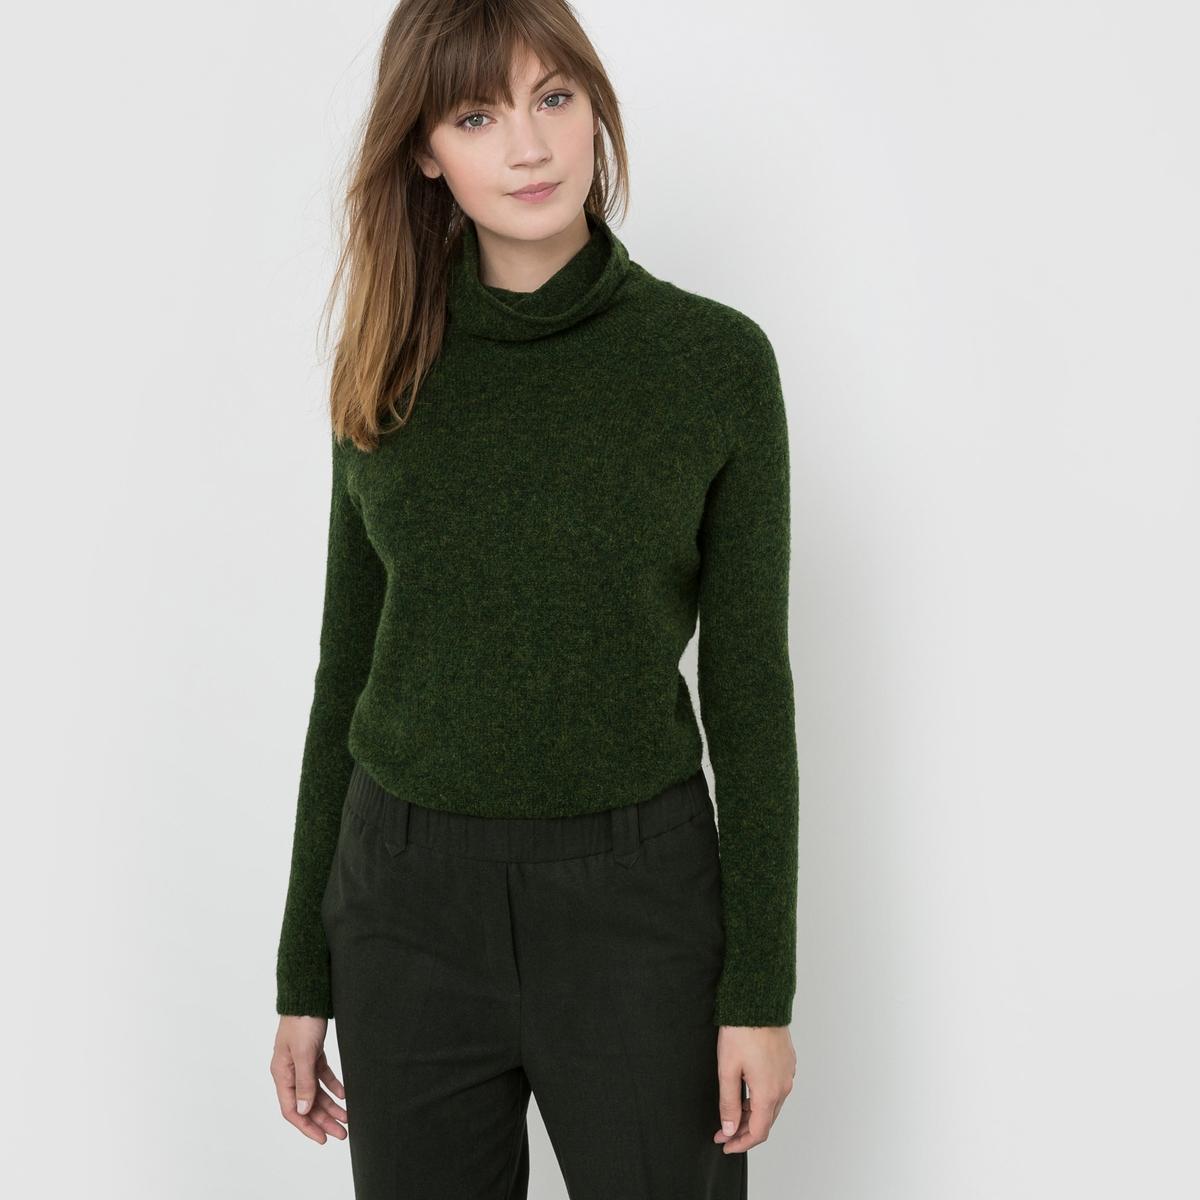 Пуловер с высоким воротникомСостав и описание : Материал : 62% акрила, 28% полиамида, 8% шерсти, 2% эластана.Длина : 60 смМарка : R studio.Уход :Машинная стирка при 30 °C с вещами схожих цветовСушить на горизонтальной поверхности в расправленном состоянии<br><br>Цвет: зеленый мох